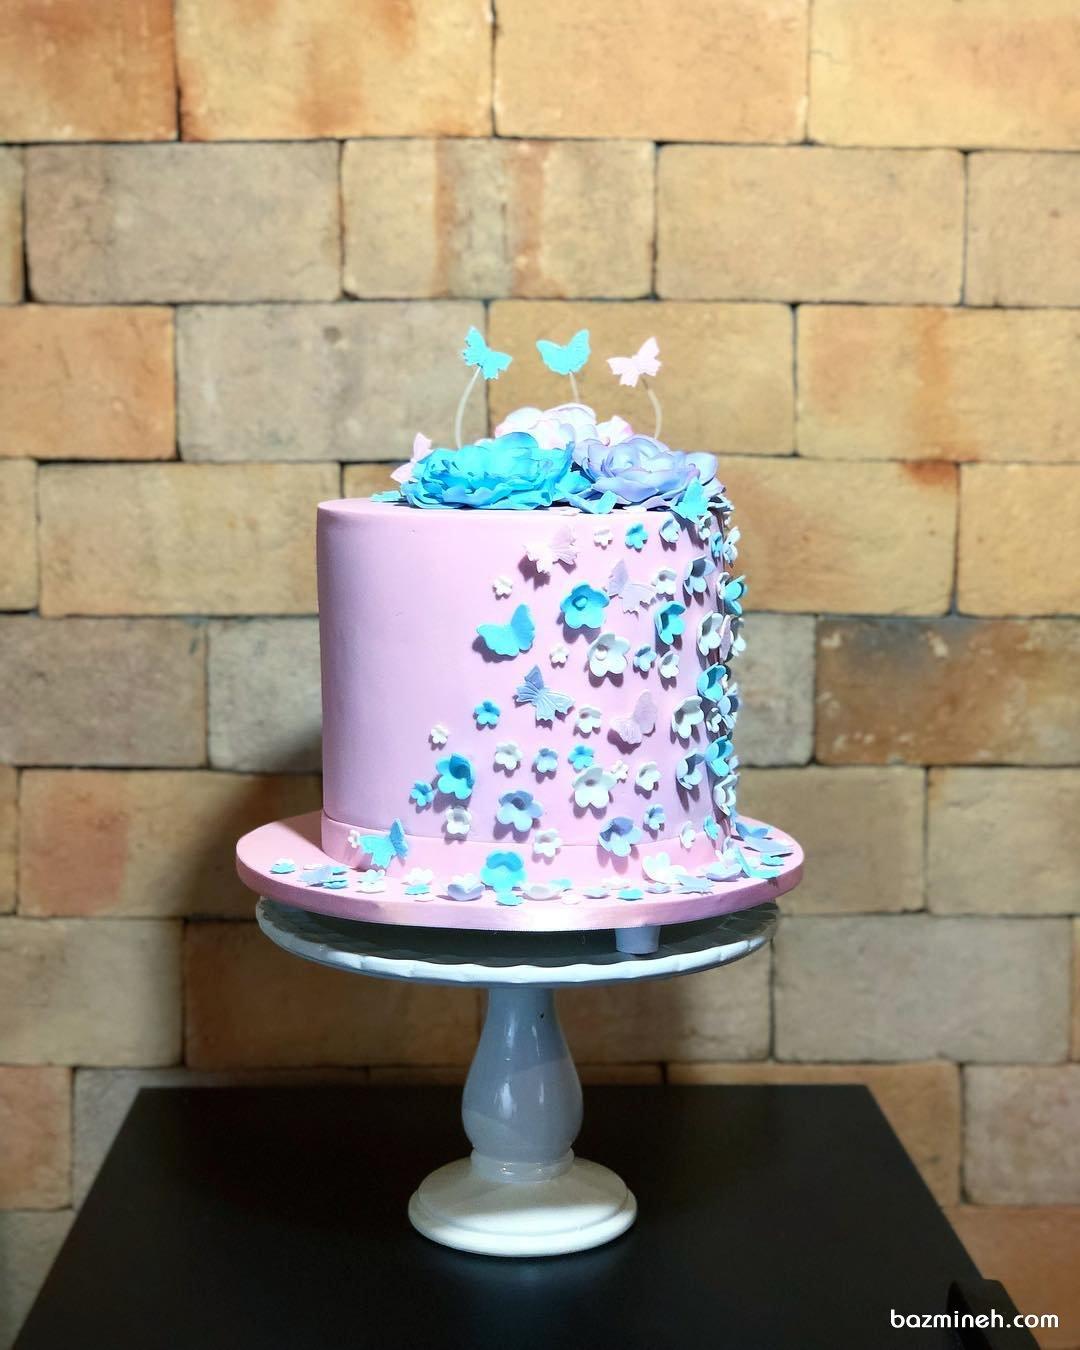 کیک فانتزی جشن تولد دخترونه با تم گل و پروانه